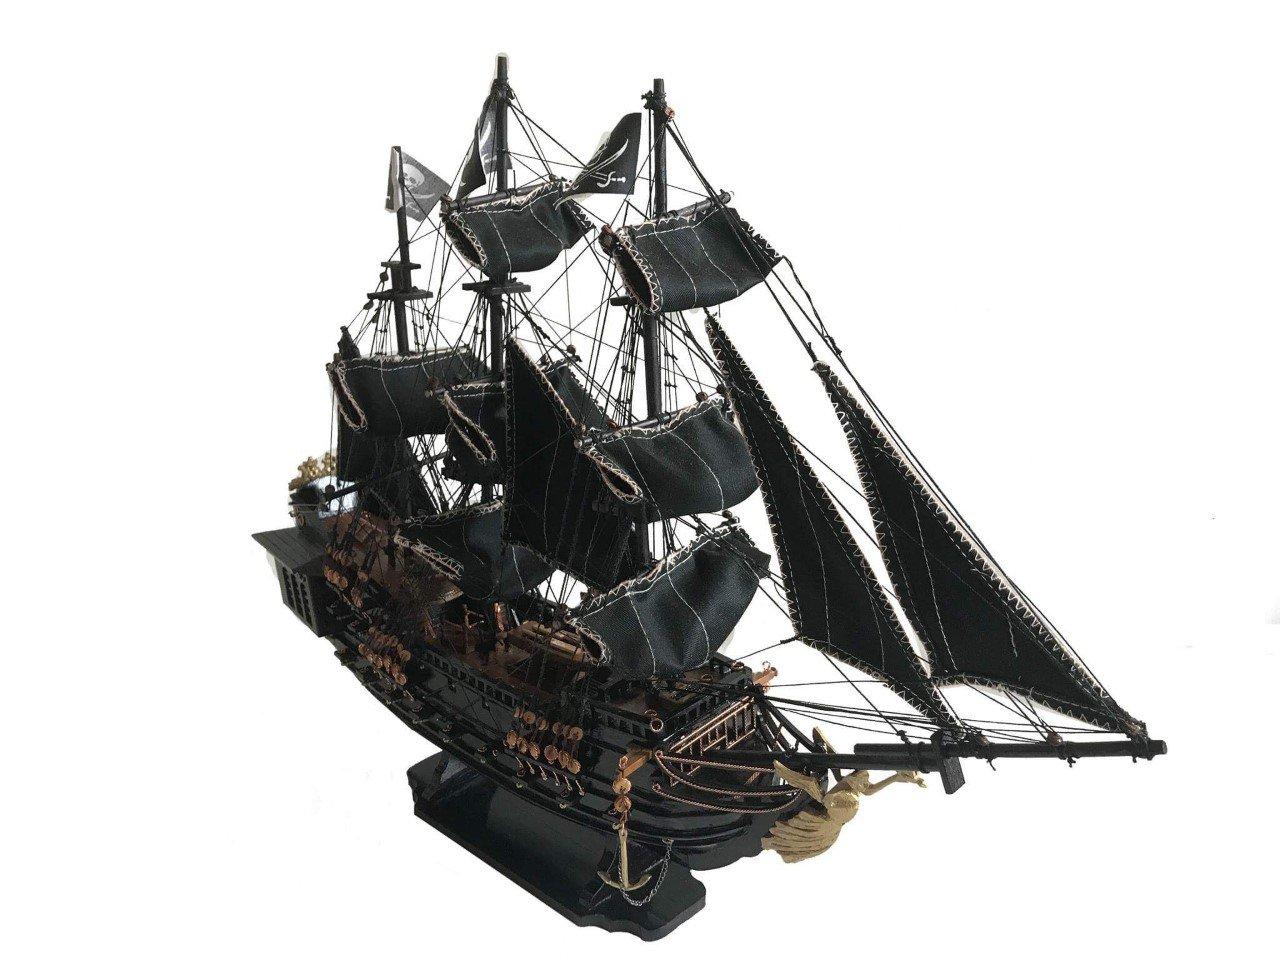 Modelo del barco la Perla Negra de Home Decor hecho a mano: Amazon.es: Hogar